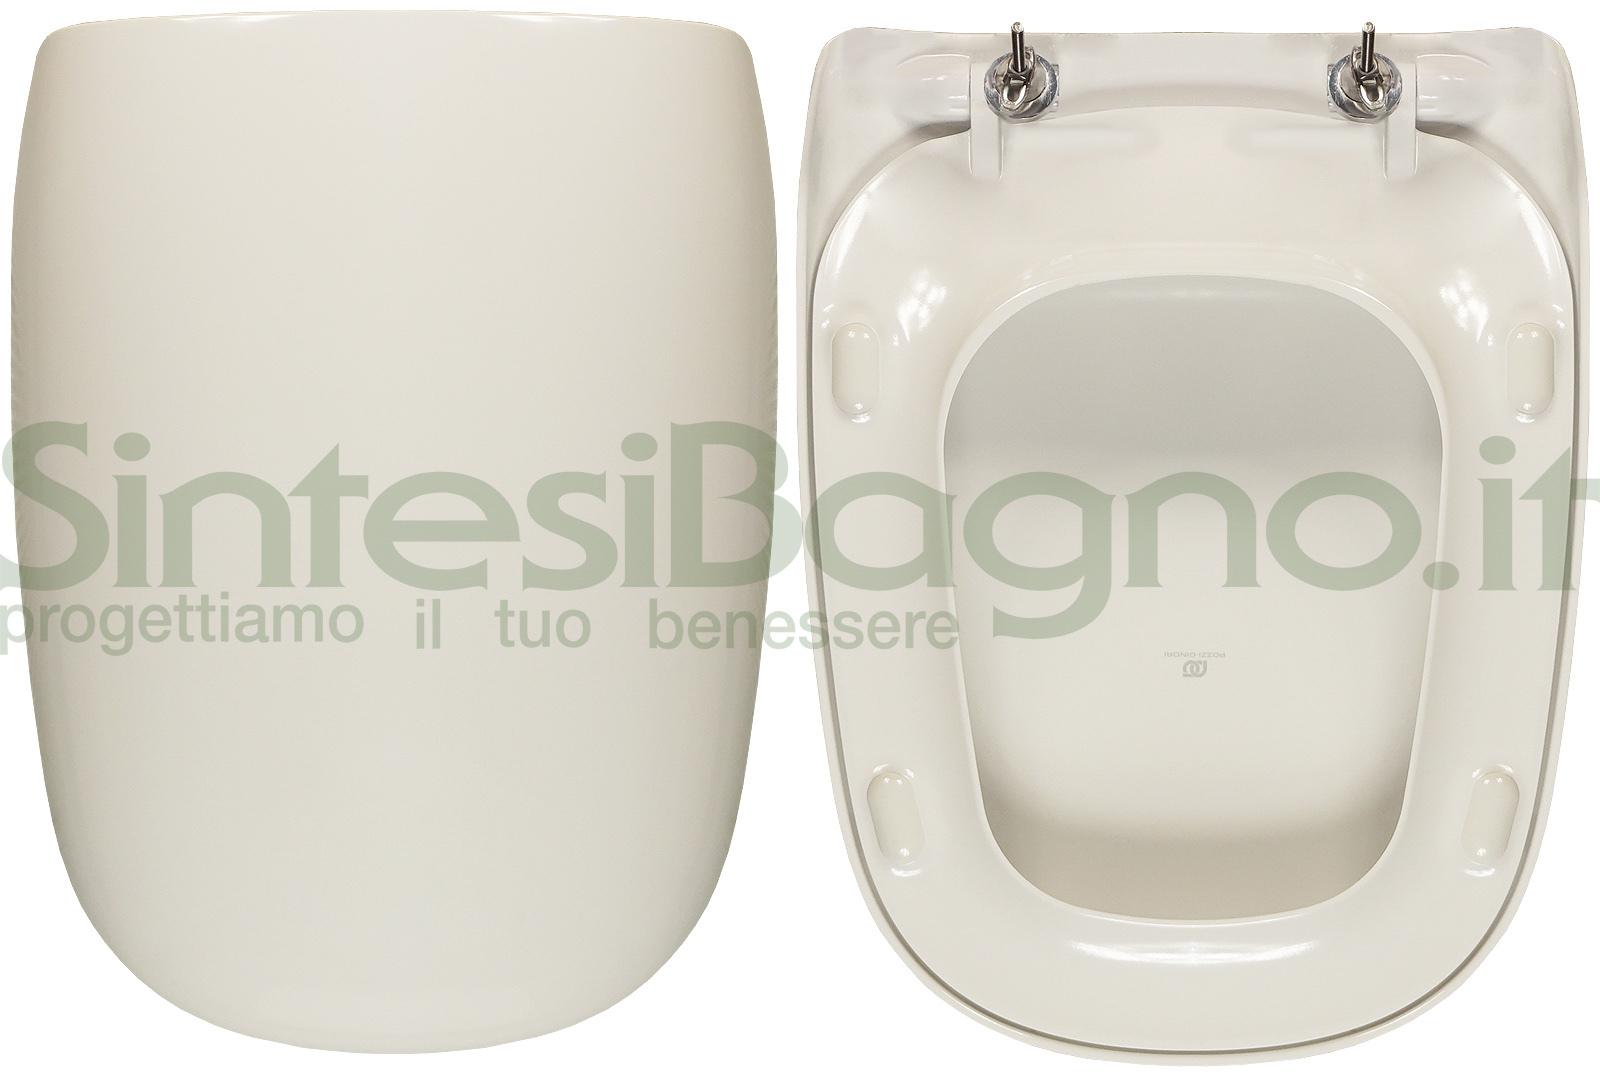 Ricambio ORIGINALE copriwater per vaso POZZI GINORI modello CITTERIO